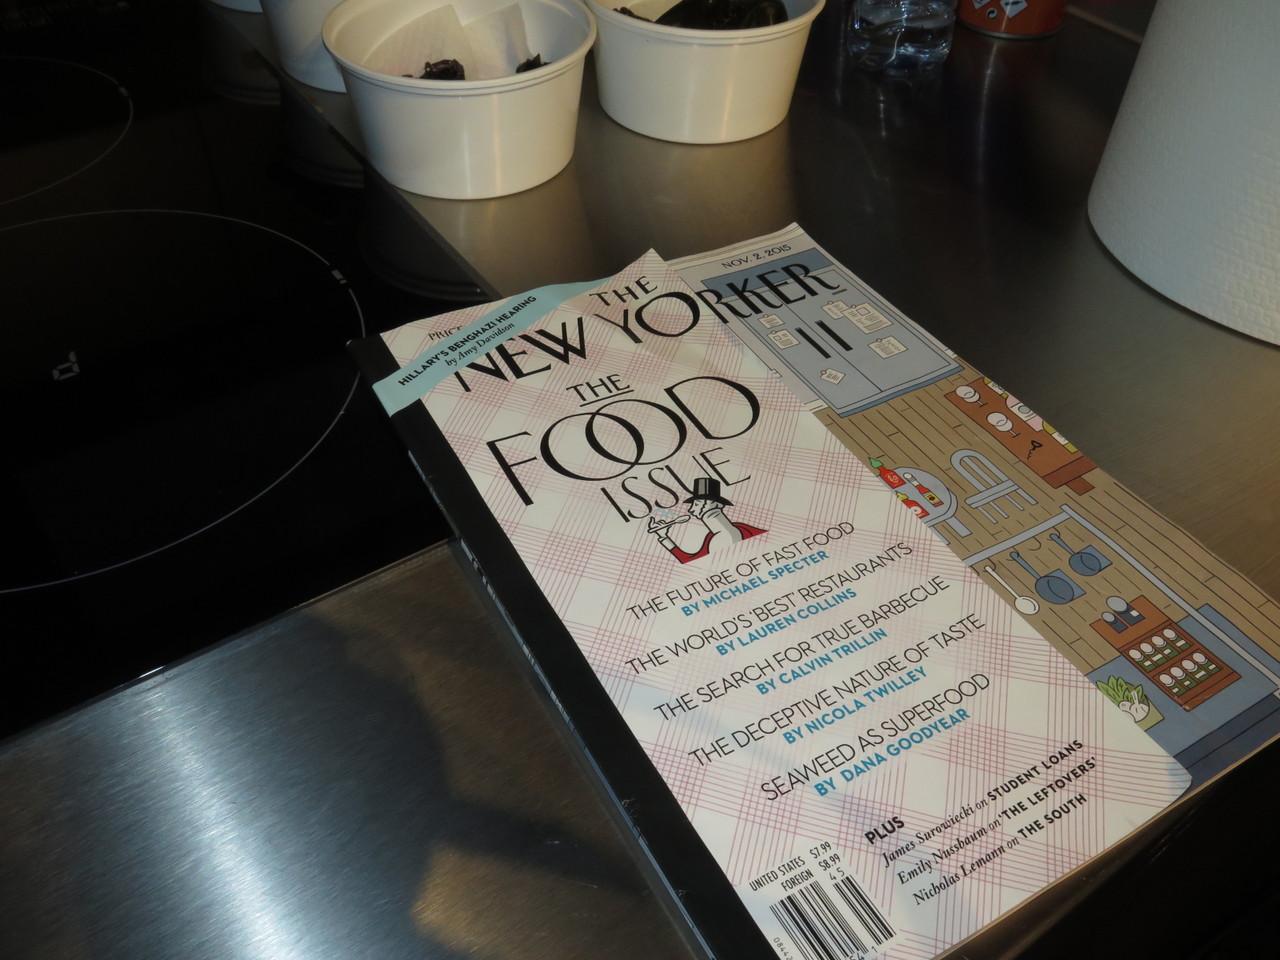 'Seaweed as Superfood', um texto inspirador no food issue da revista The New Yorker